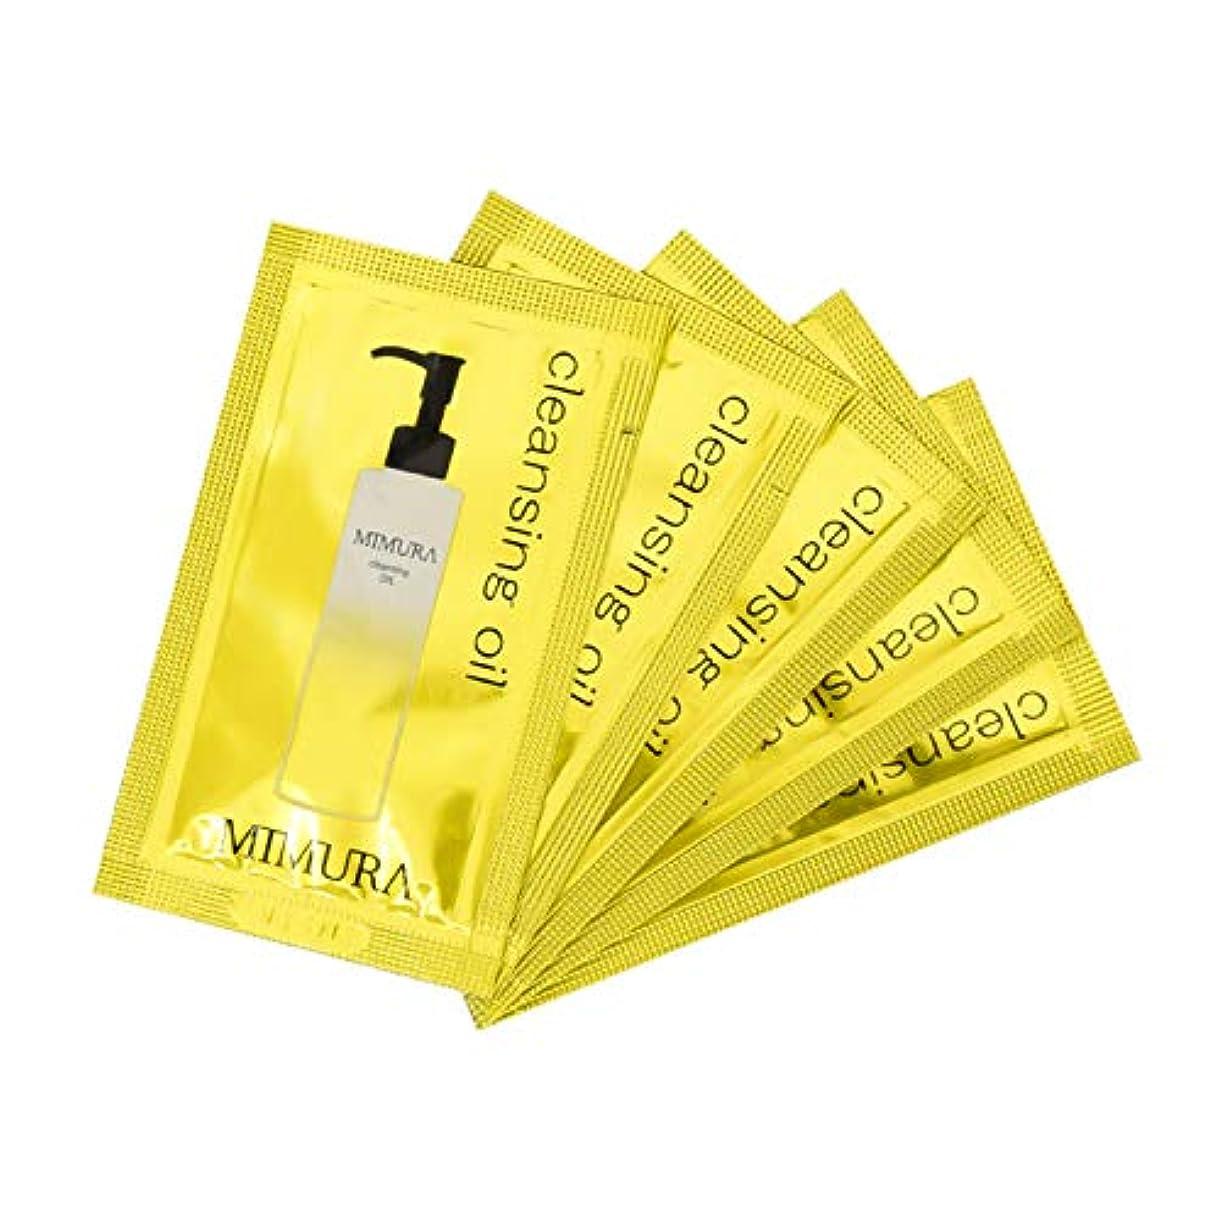 スリーブ勝つ人間マツエクOK w洗顔不要 お風呂で使える 6つの植物オイル ミムラ クレンジングオイル 試供品5個入り ゆうパケット(ポスト投函)での発送となります。日本製 ※おひとり様1点までとなります。